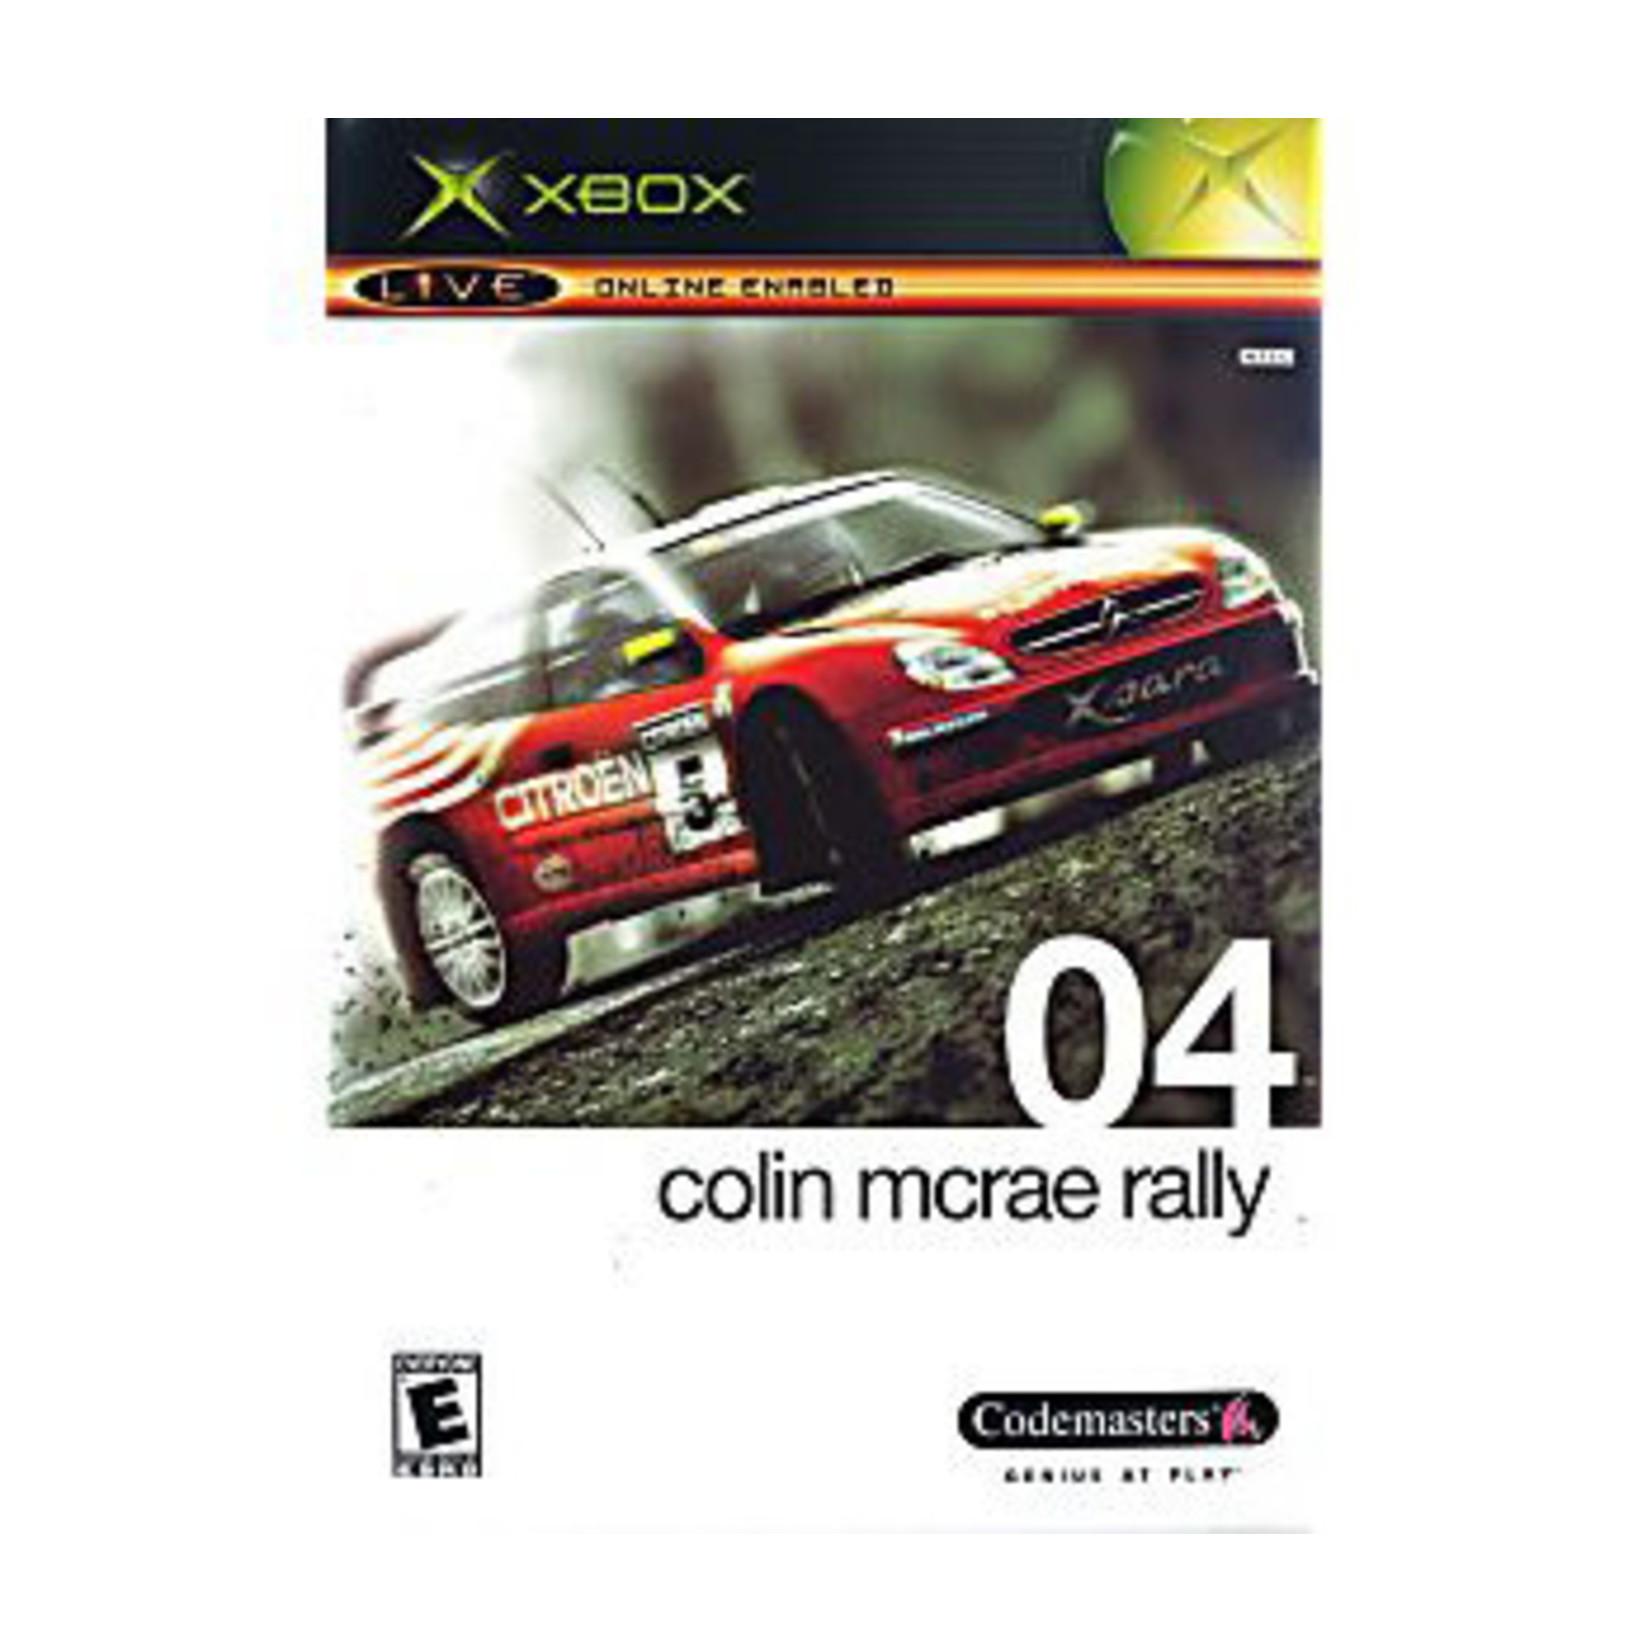 XBU-COLIN MCRAE RALLY 2004